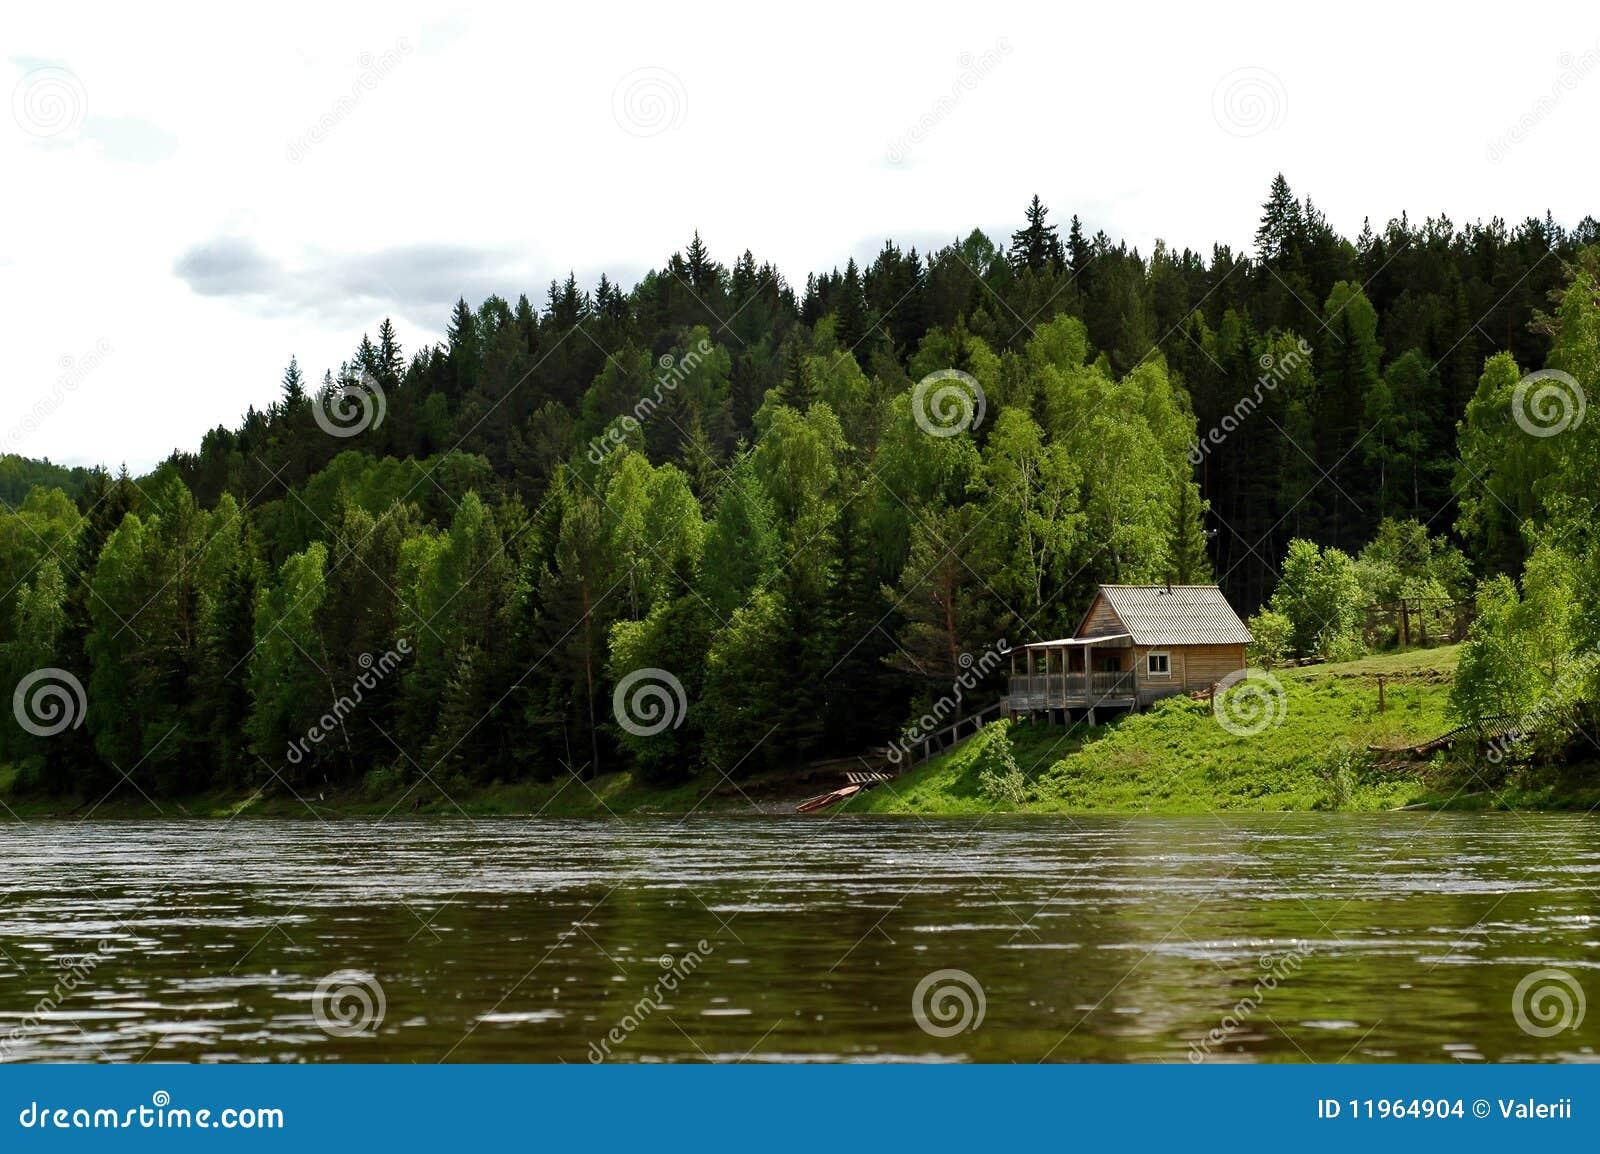 Izba op Siberische bergtaiga en de rivier Mana